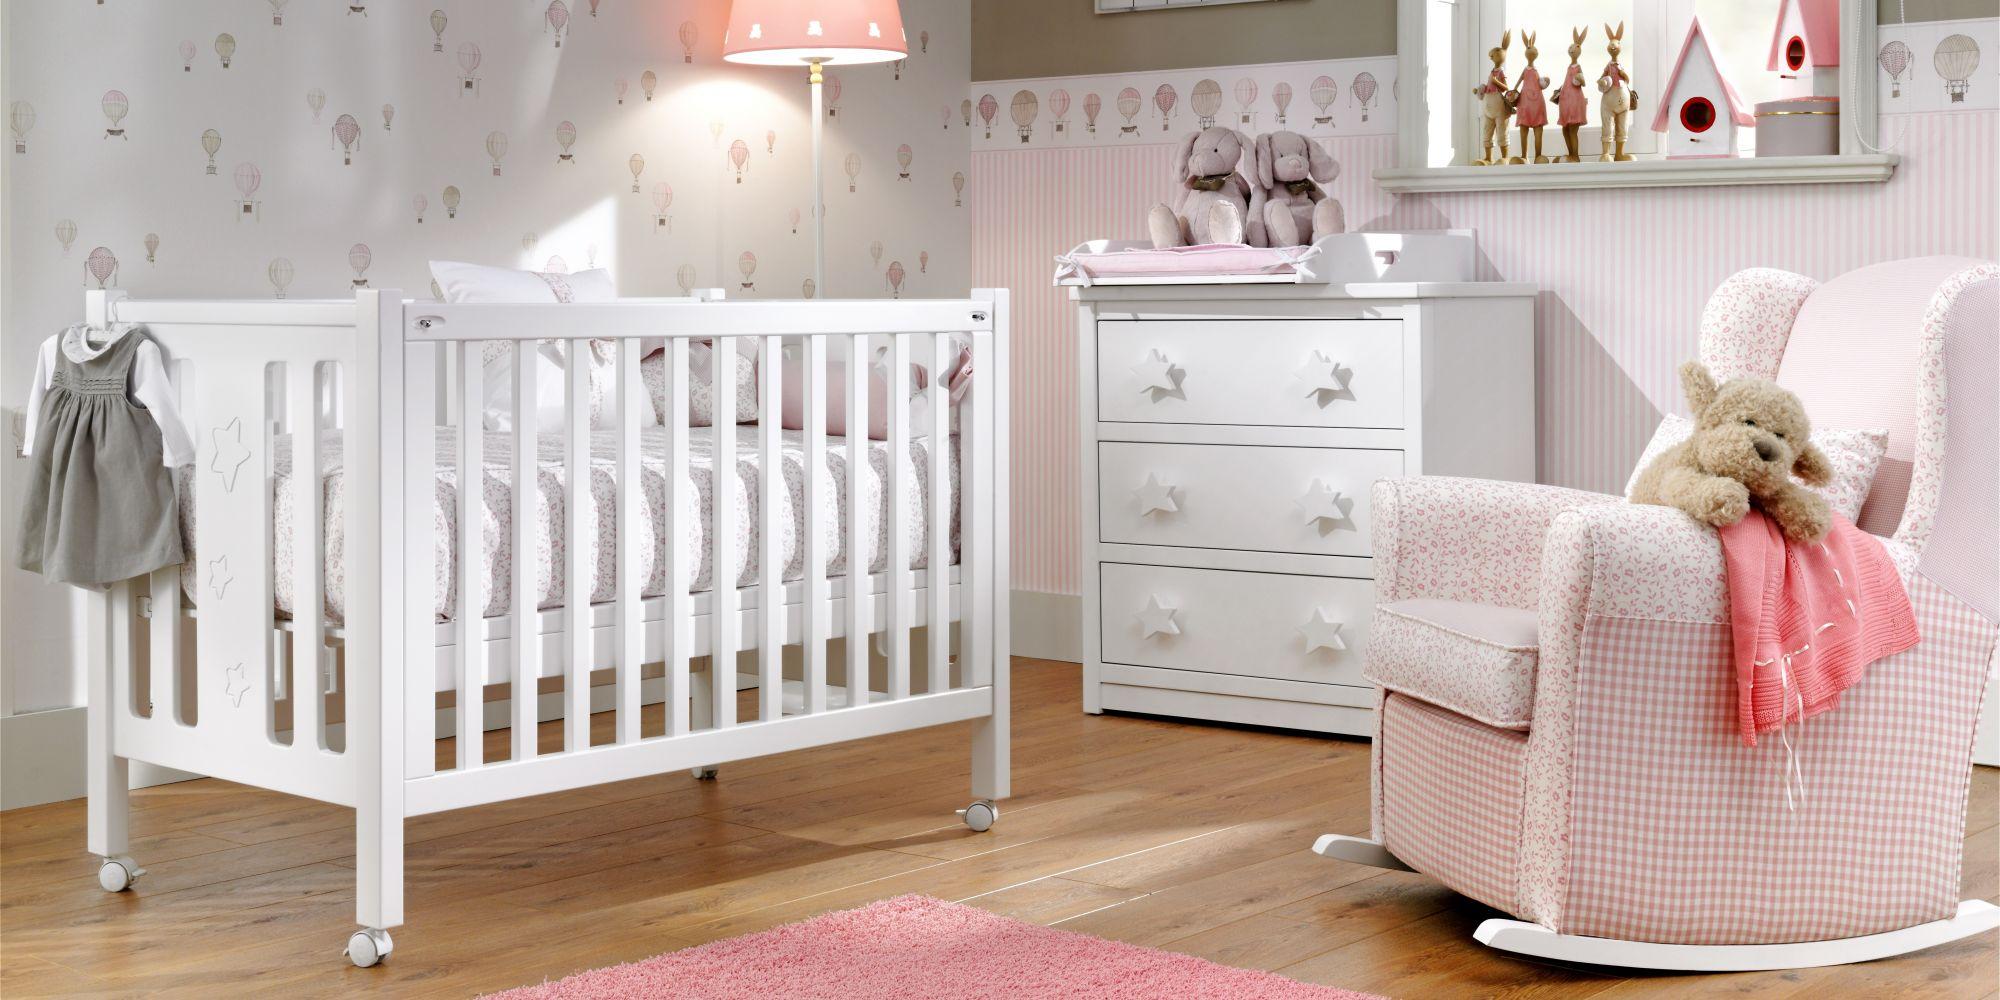 Cuna con barandilla móvil, cómoda de 3 cajones y mecedora infantil, estancia ideal para el confort de su bebe | Mueble de Bebé